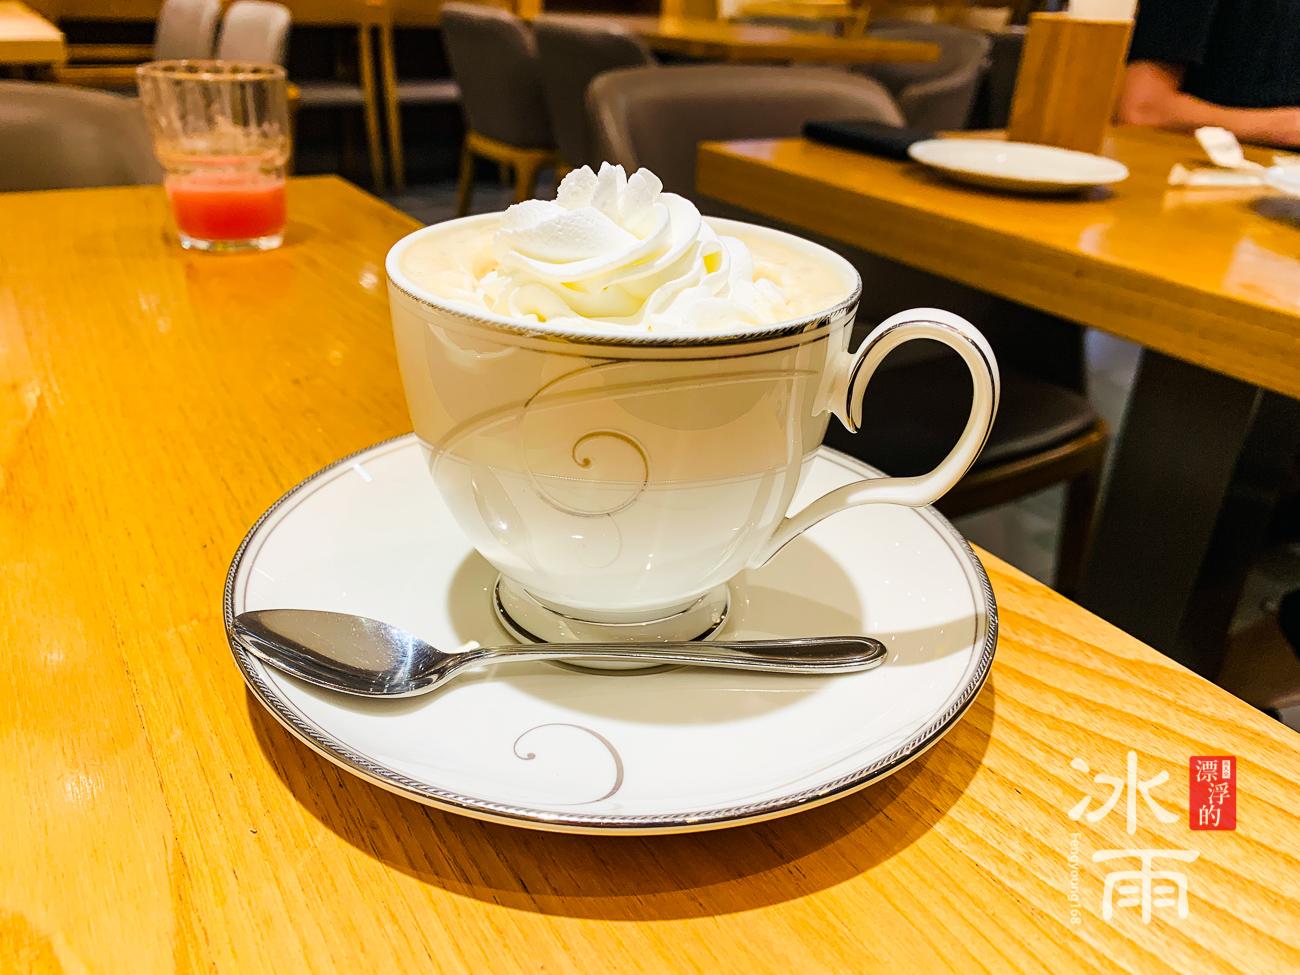 佐曼咖啡Jumane Cafe|維也納咖啡